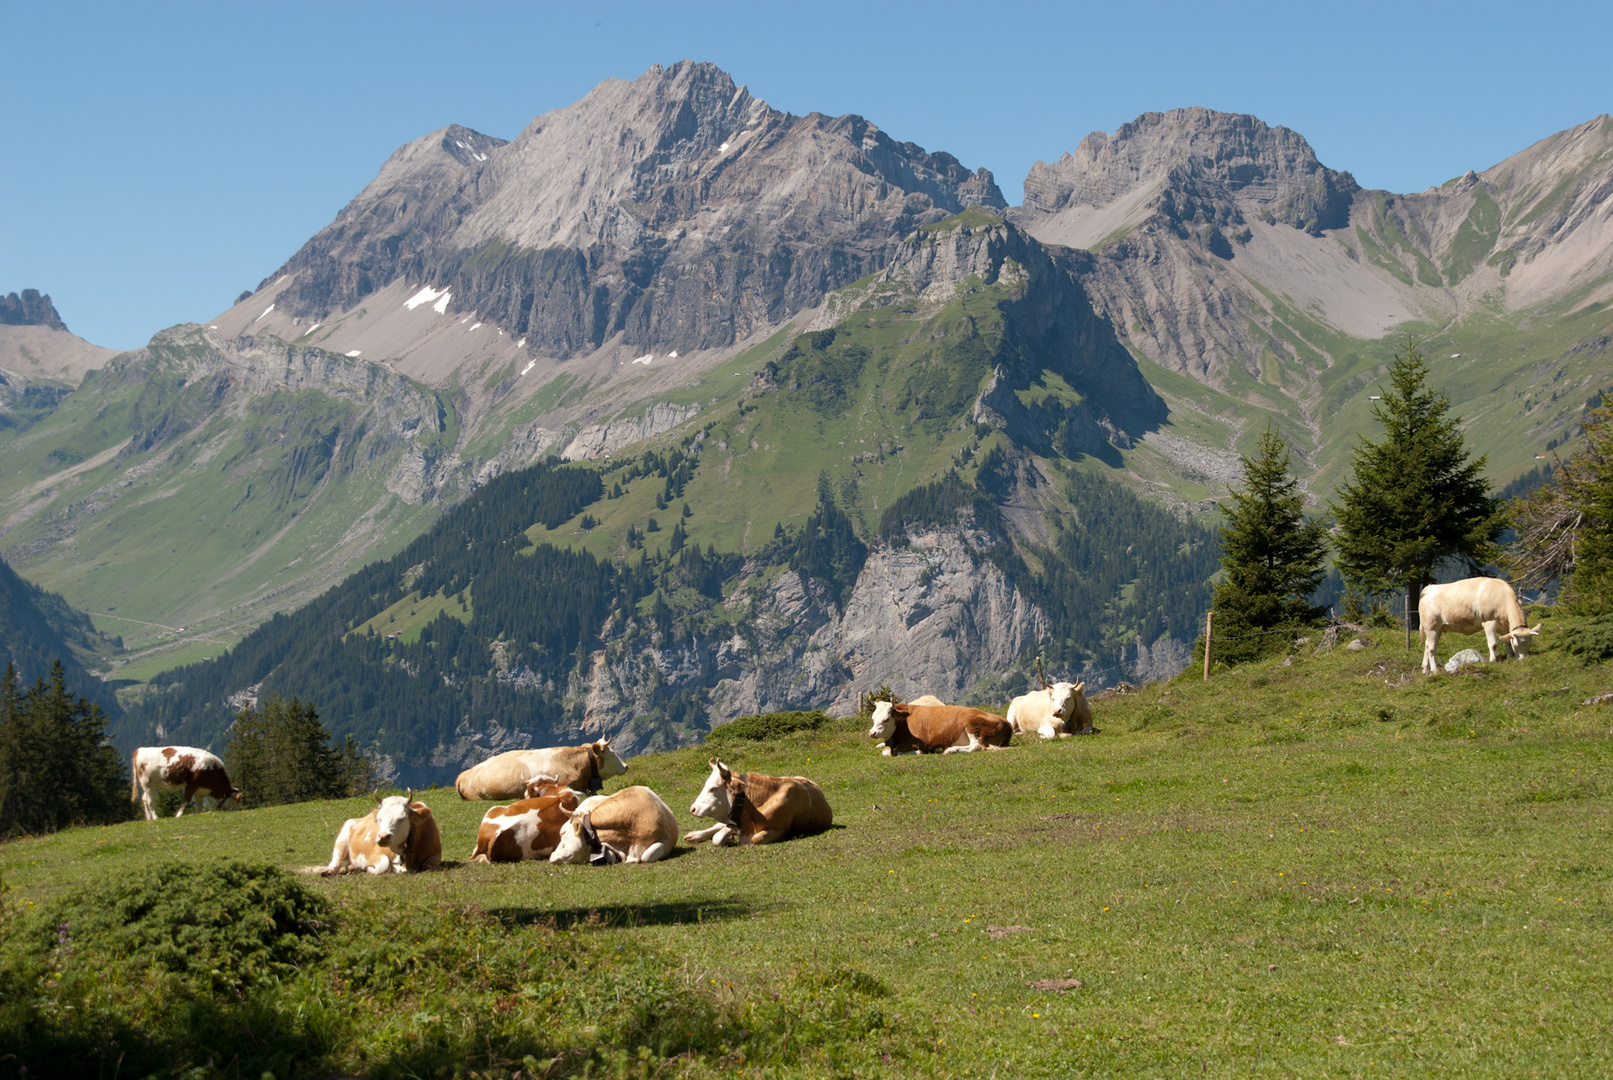 Swiss landscape II